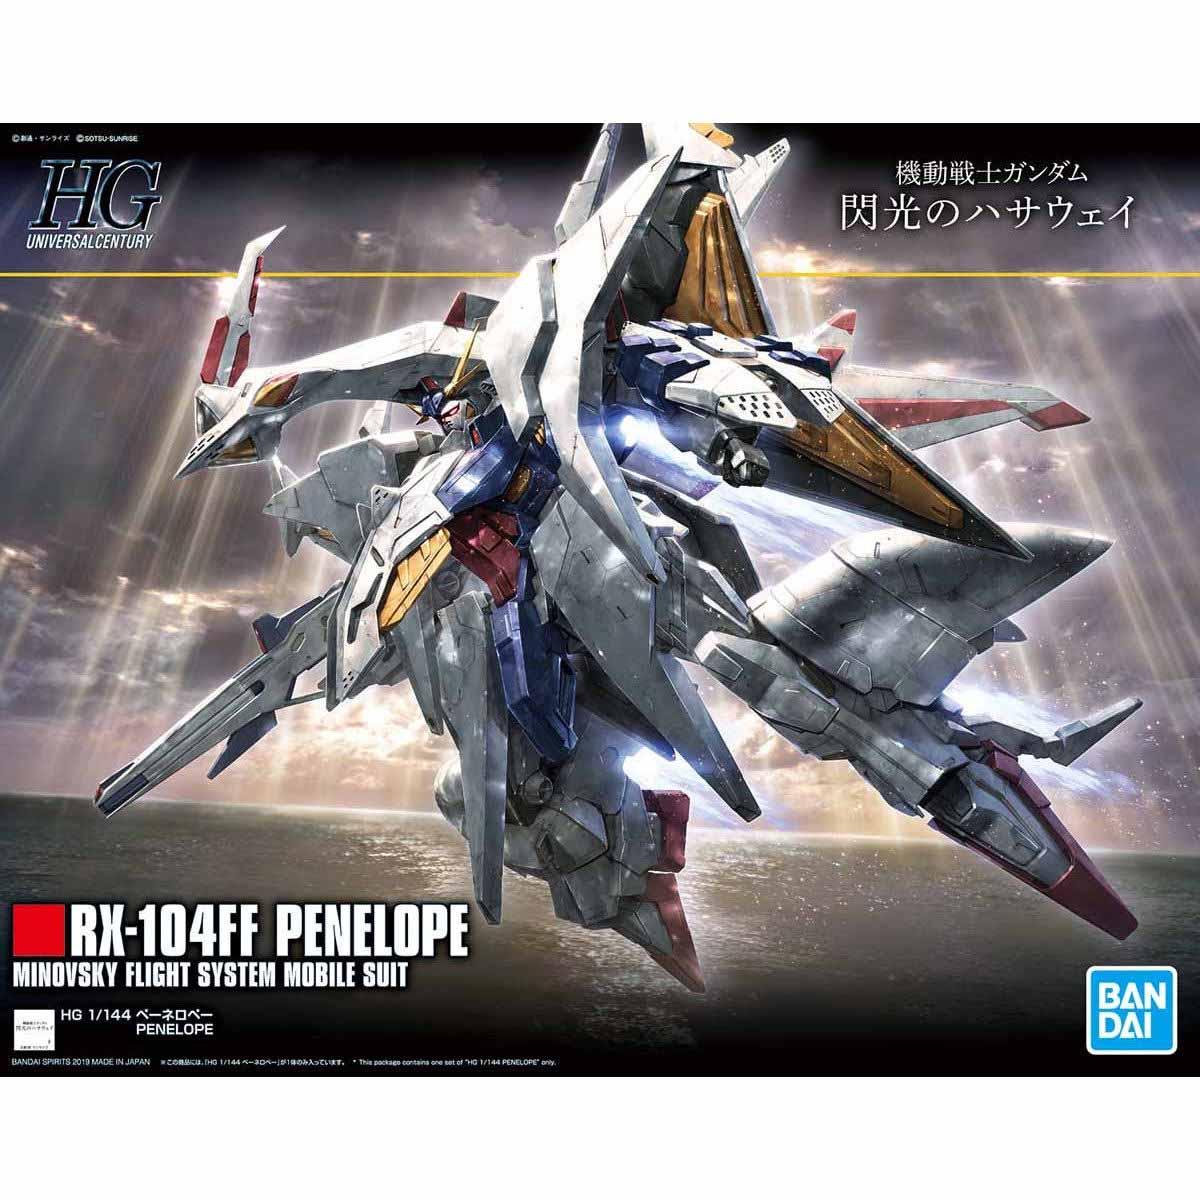 【再販】HGUC 1/144『ペーネロペー』機動戦士ガンダム 閃光のハサウェイ プラモデル-012